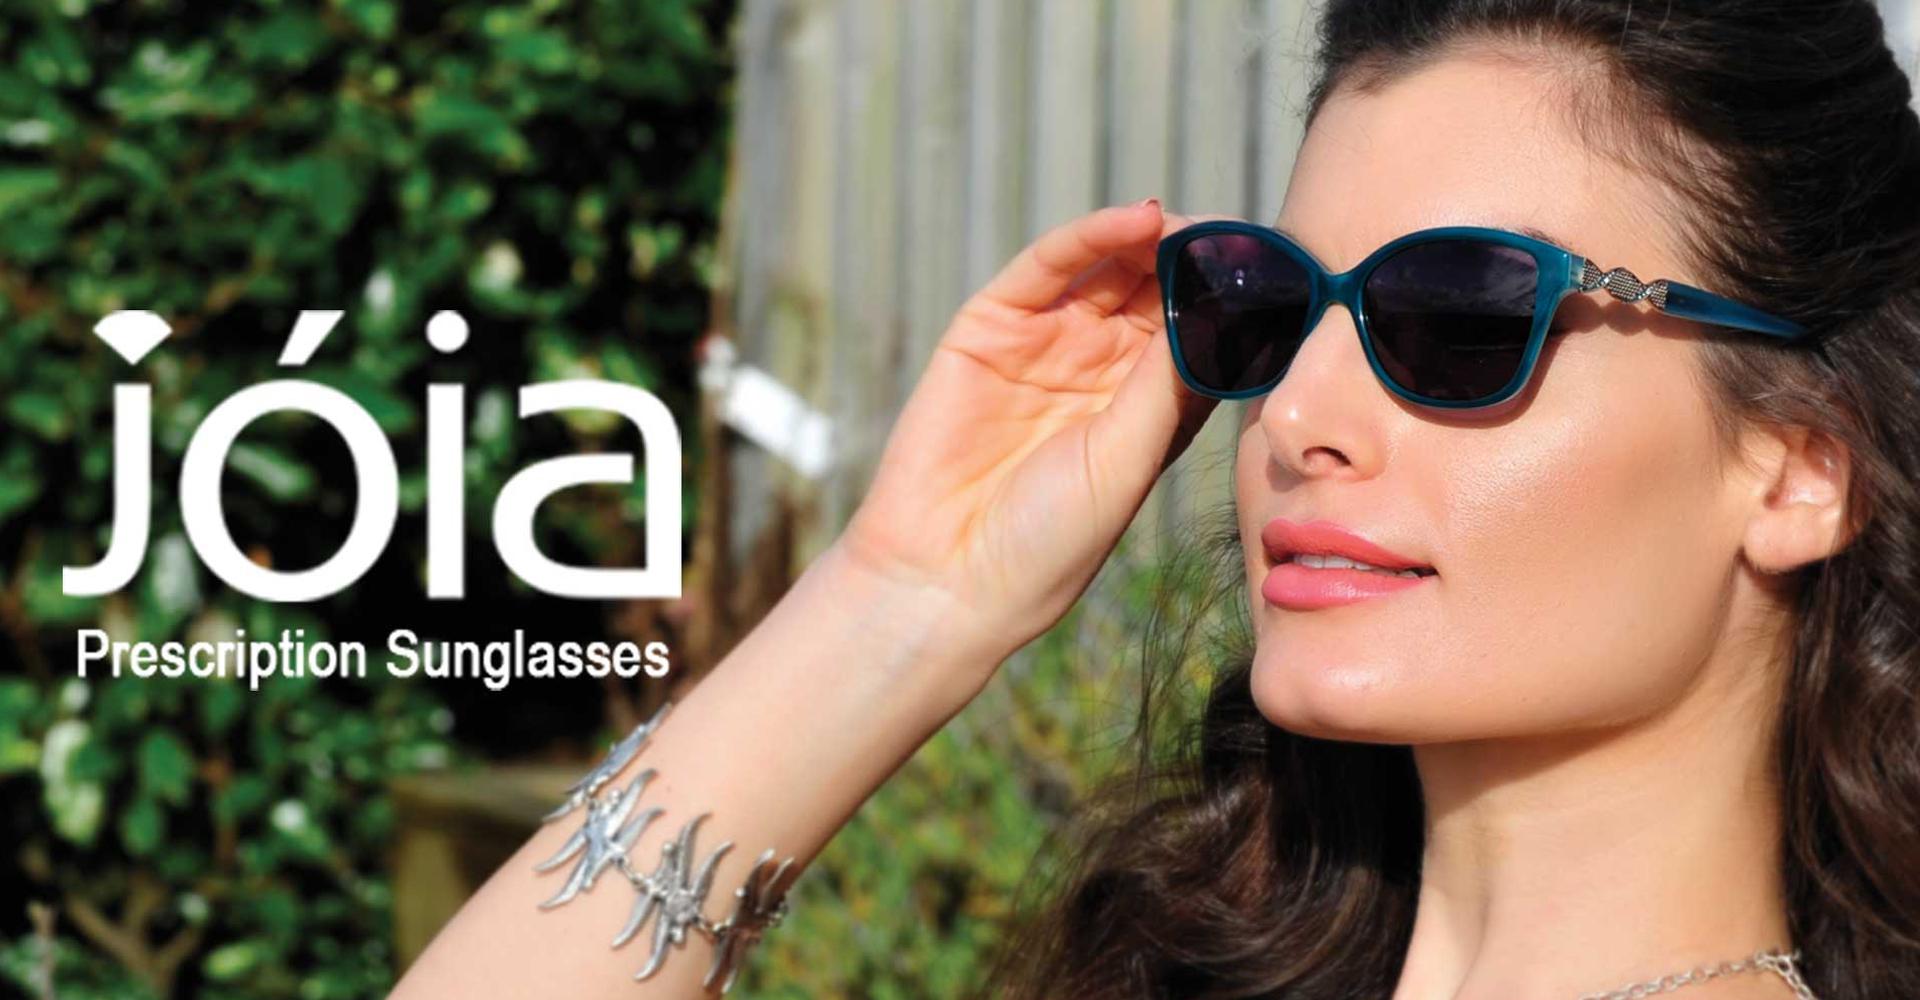 Joia Prescription Sunglasses